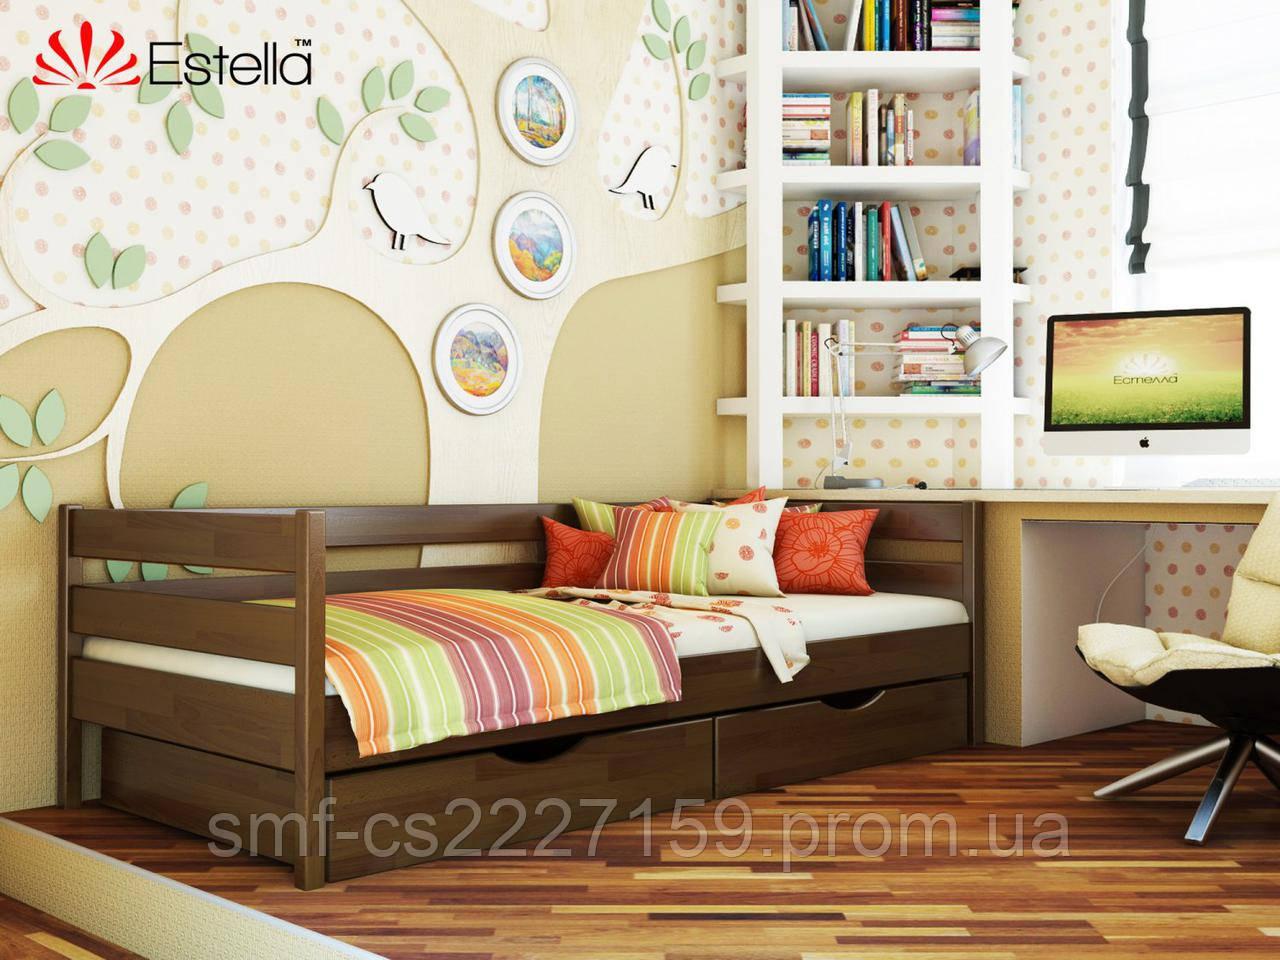 Дитяче односпальне ліжко Estella Нота з натурального дерева